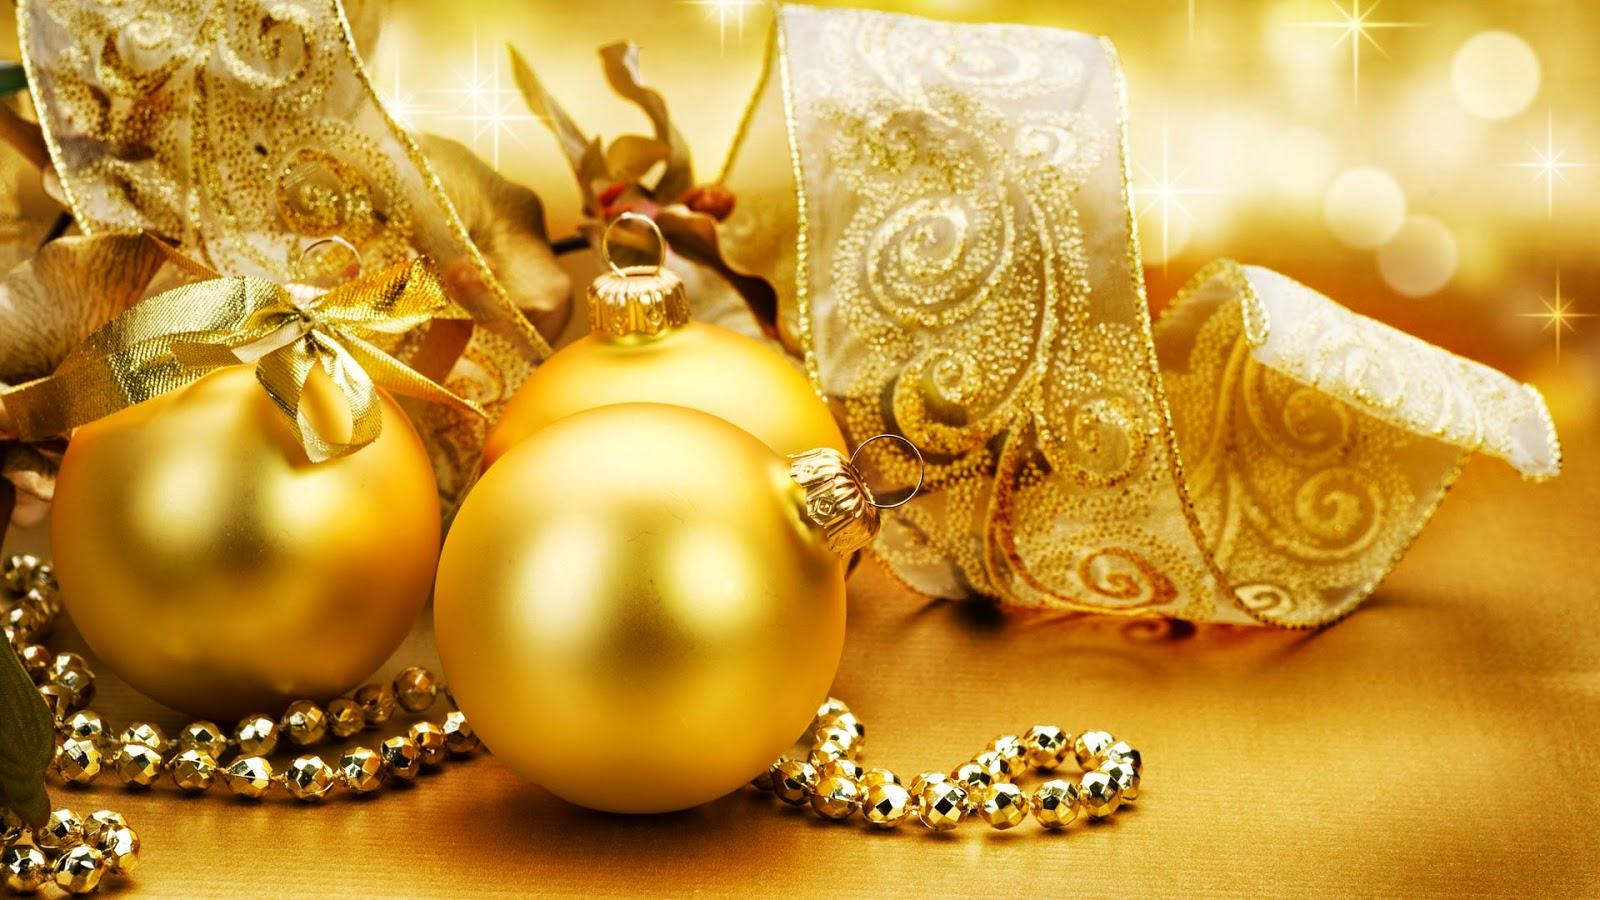 Fondo de pantalla navidad bolas doradas con lazo - Bolas de navidad doradas ...